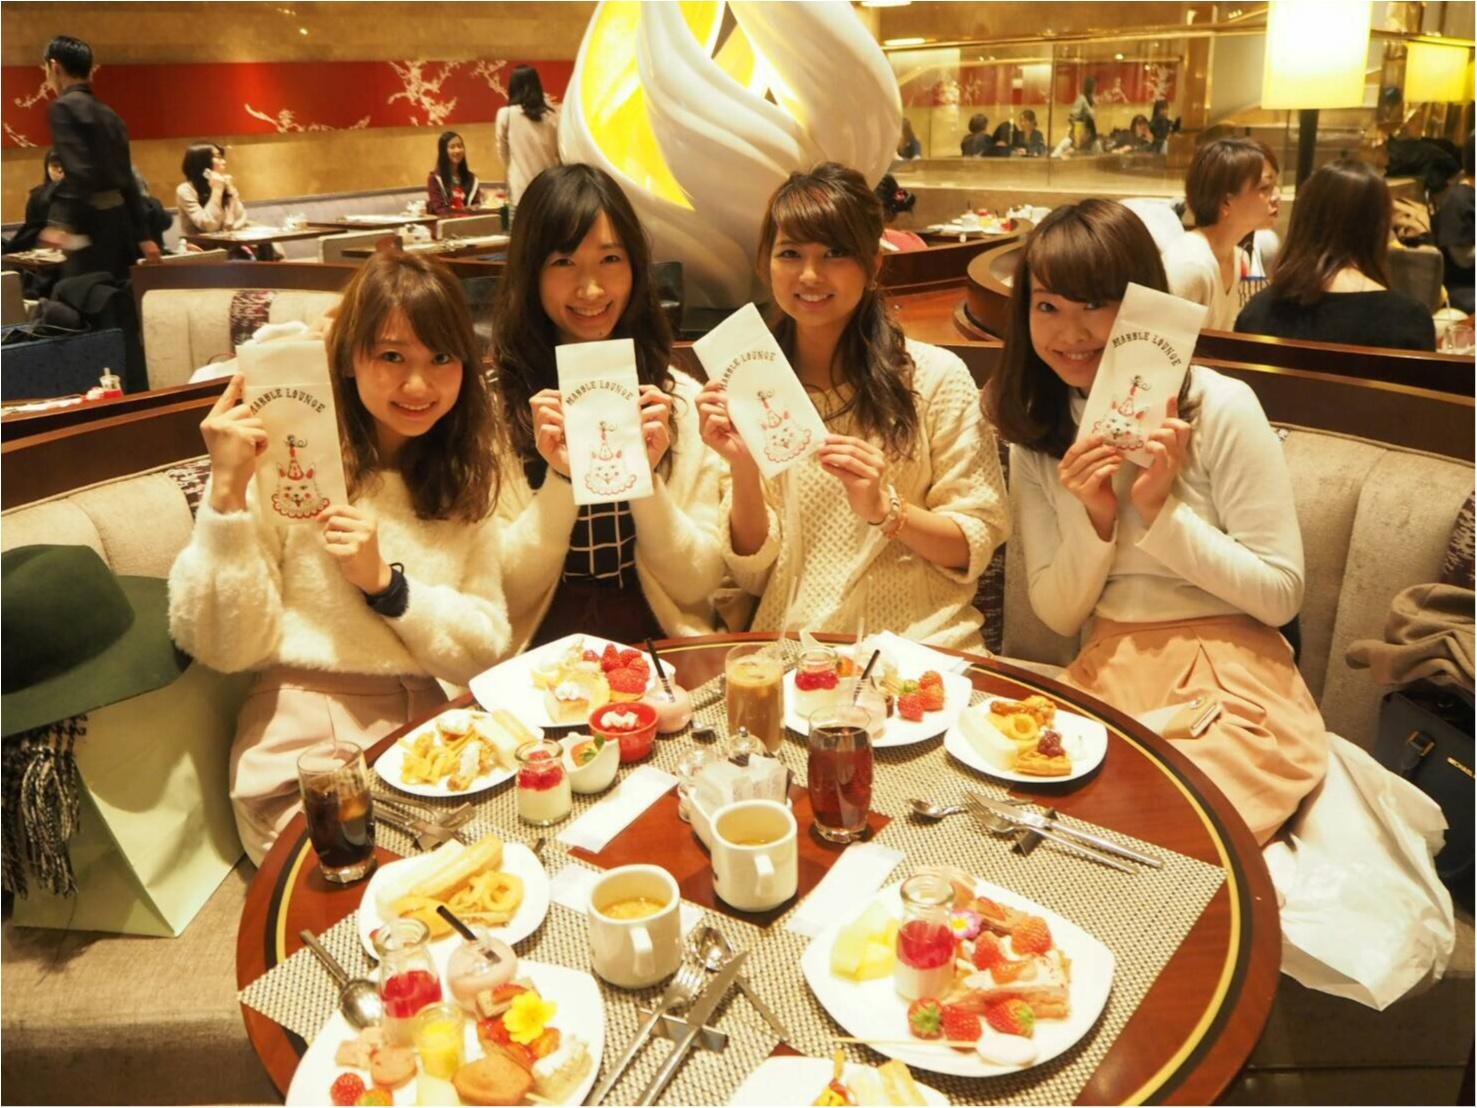 予約が取れない【ヒルトン東京・マーブルラウンジ】の《ストロベリーデザートブッフェ》はやっぱり最高だった♡_2